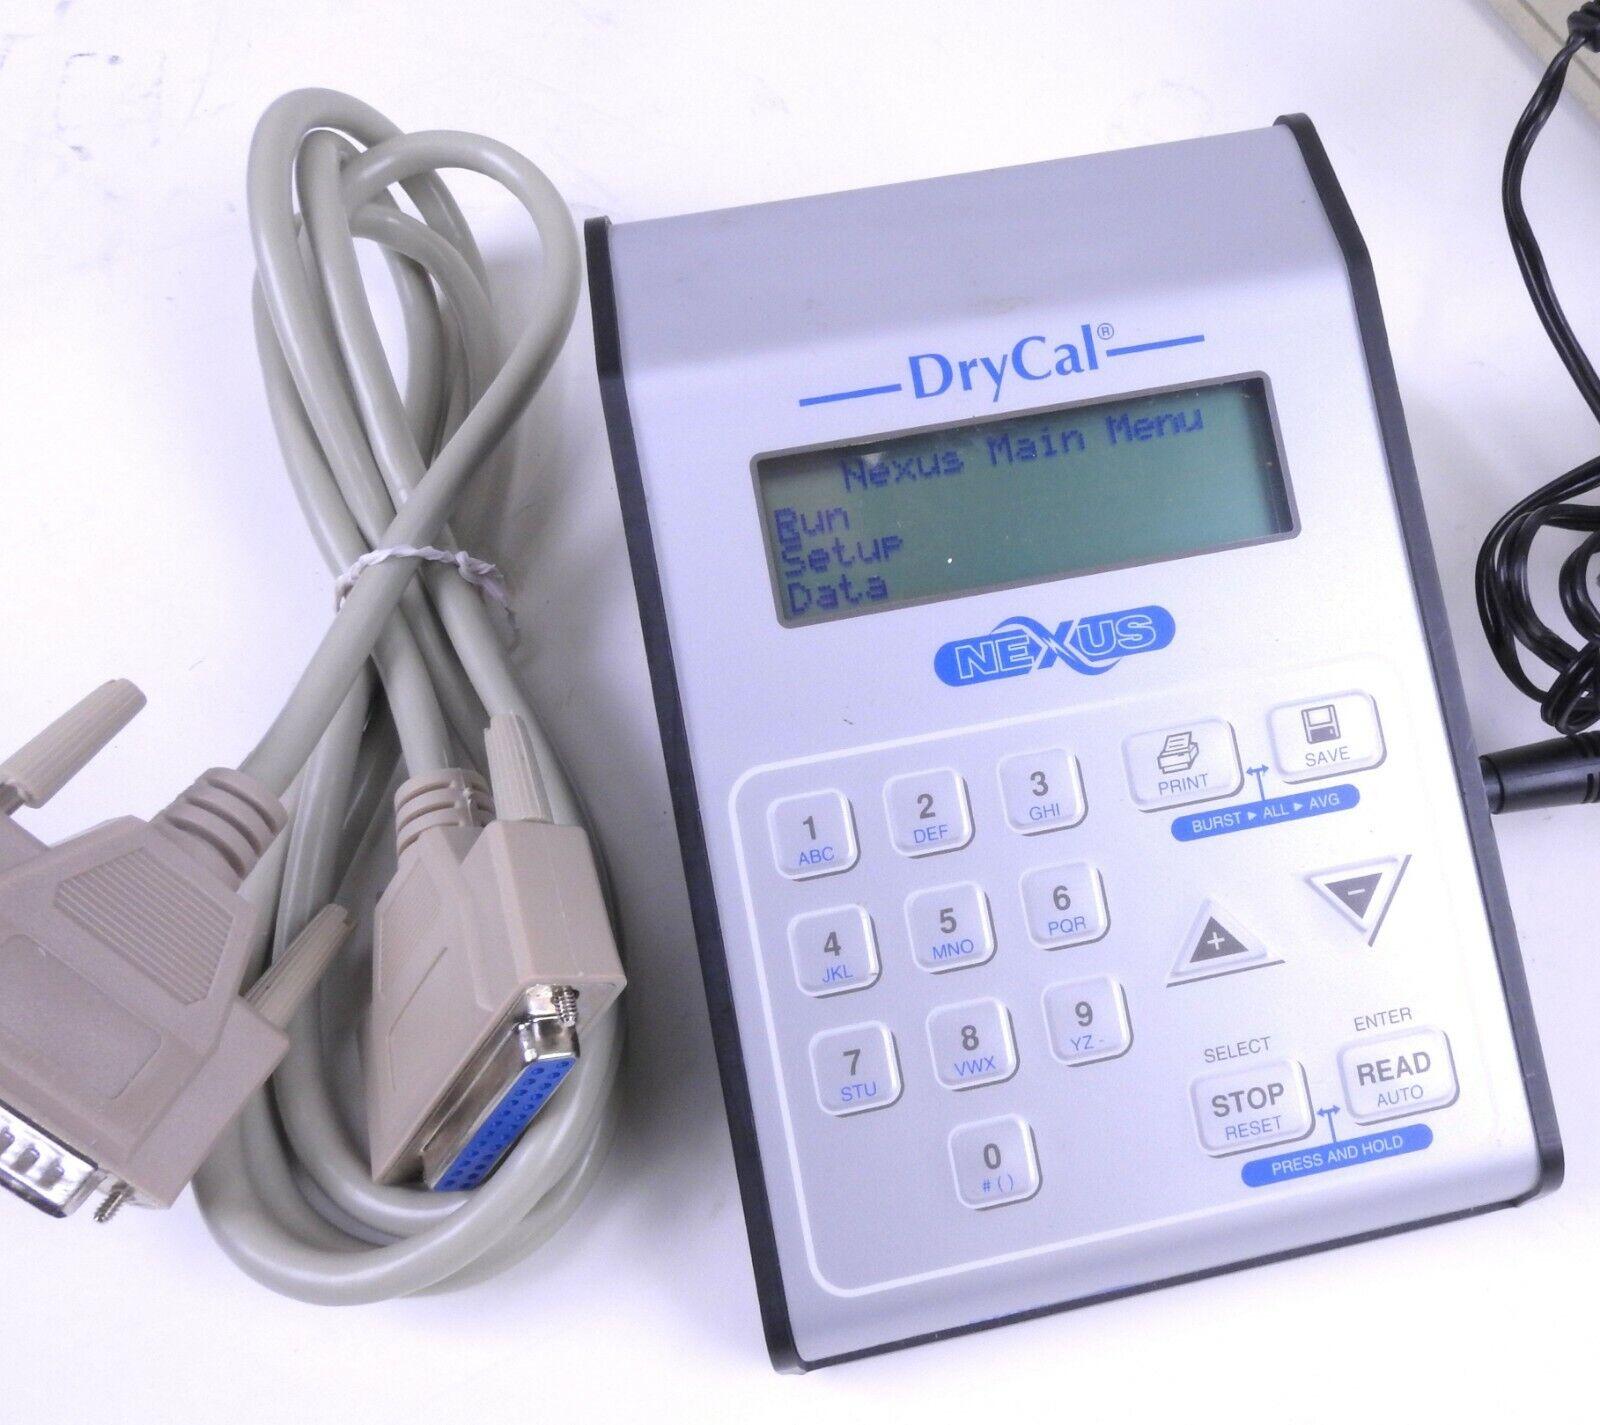 Bios DryCal DC-Lite NEXUS